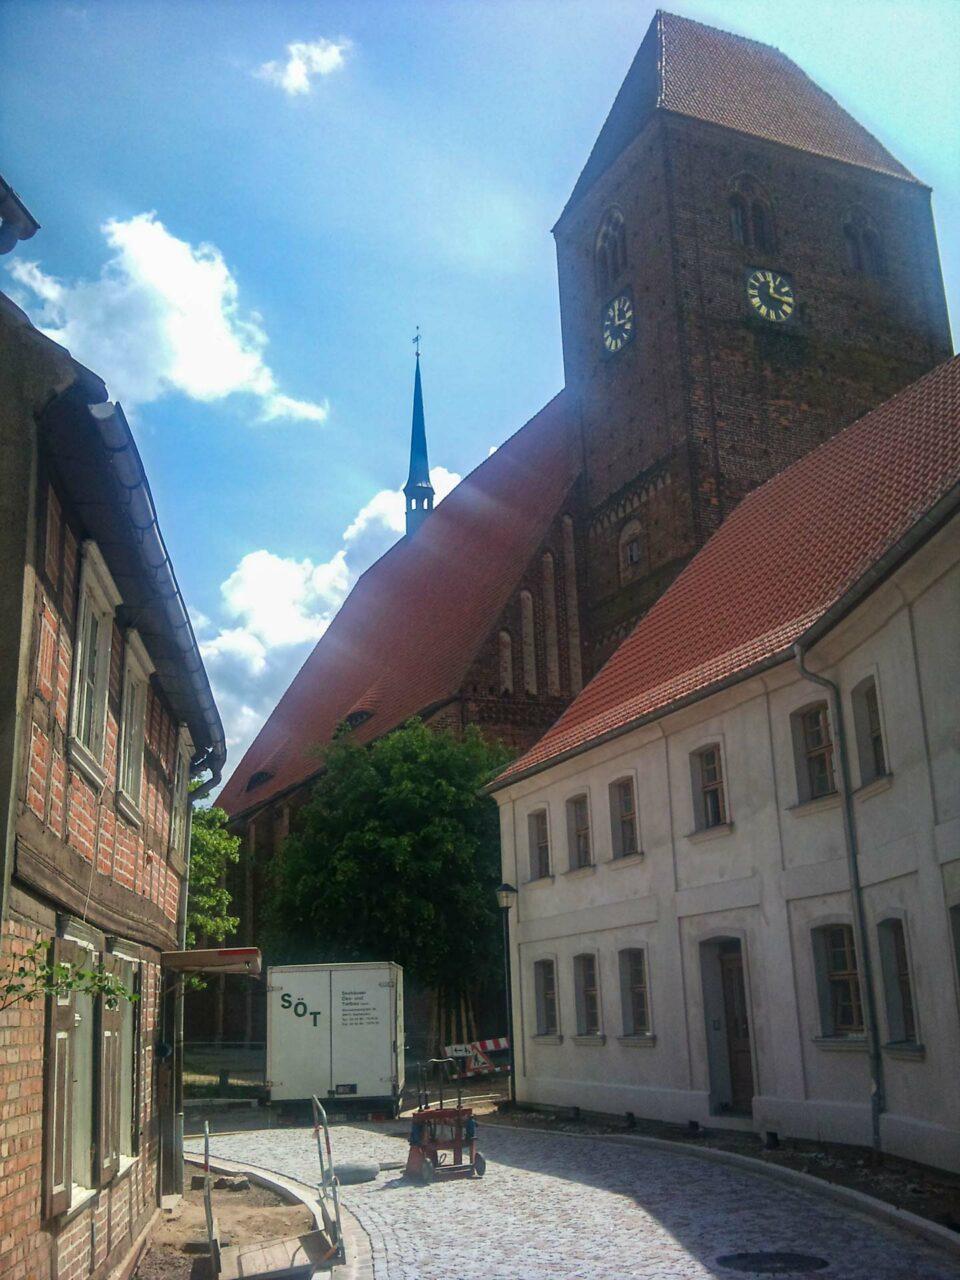 Mächtig gewaltig Egon. Die St. Johanniskirche von Werben (Elbe).